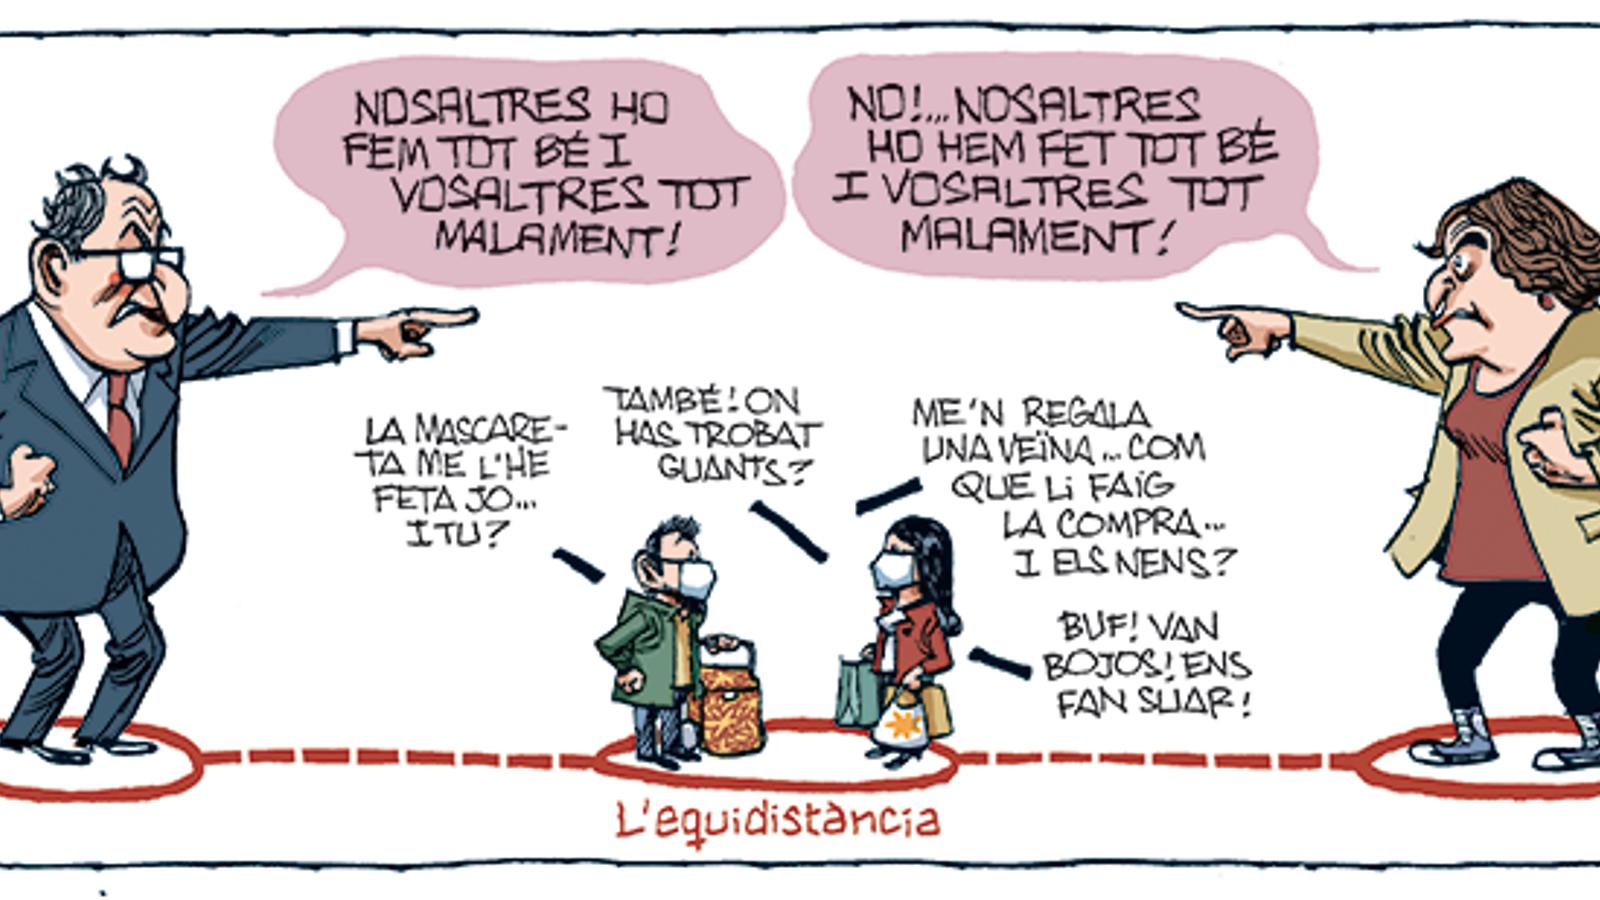 'A la contra', per Manel Fontdevila 18/04/2020